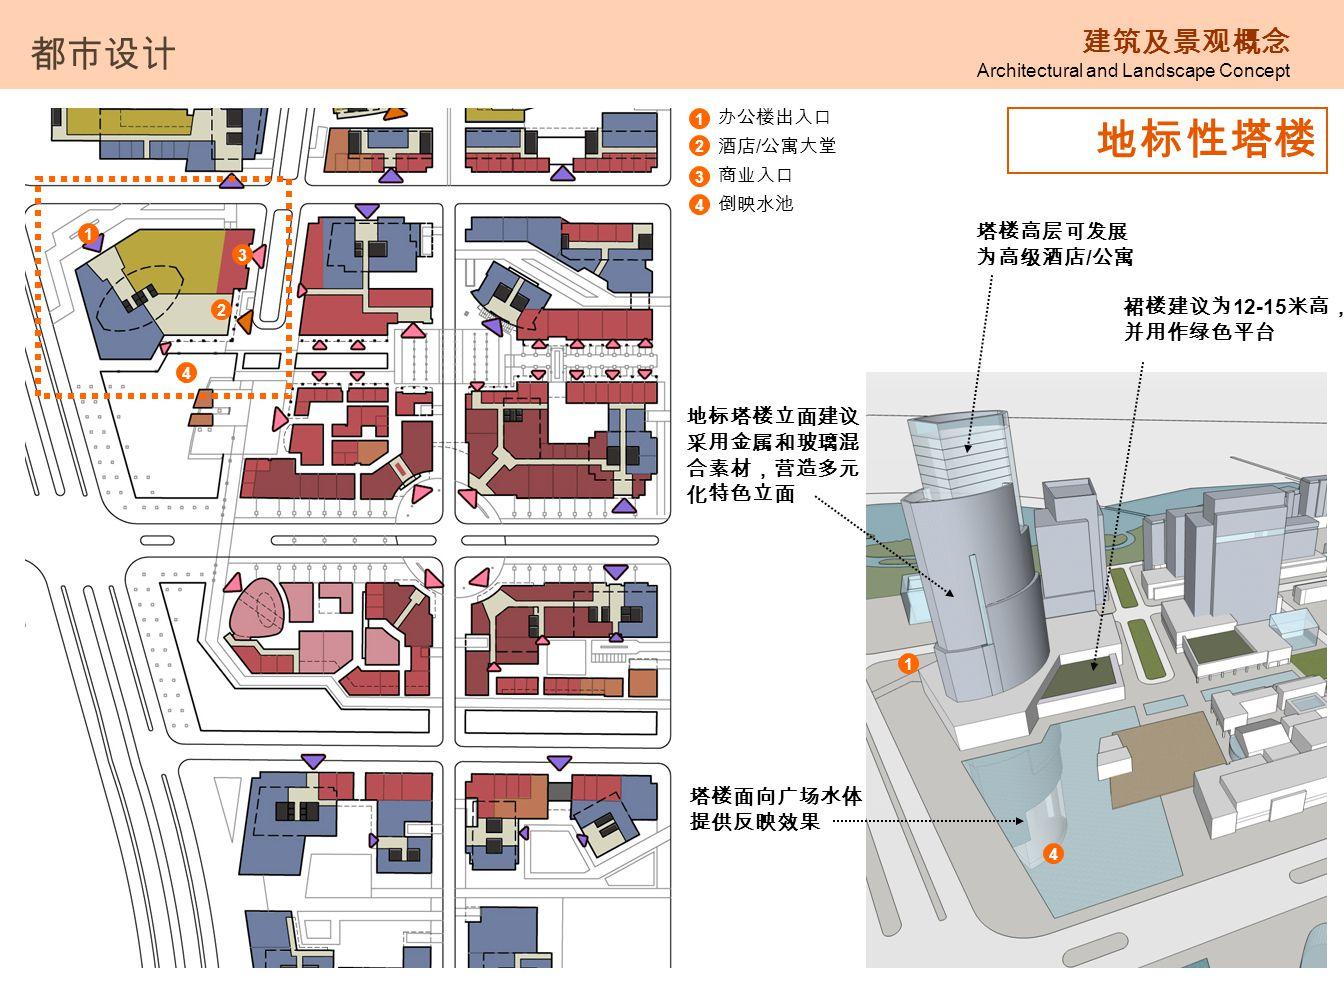 地标性塔楼 都市设计 建筑及景观概念 Architectural and Landscape Concept 1 办公楼出入口 酒店 / 公寓大堂 商业入口 倒映水池 2 3 4 裙楼建议为 12-15 米高, 并用作绿色平台 4 1 2 4 1 3 塔楼高层可发展 为高级酒店 / 公寓 地标塔楼立